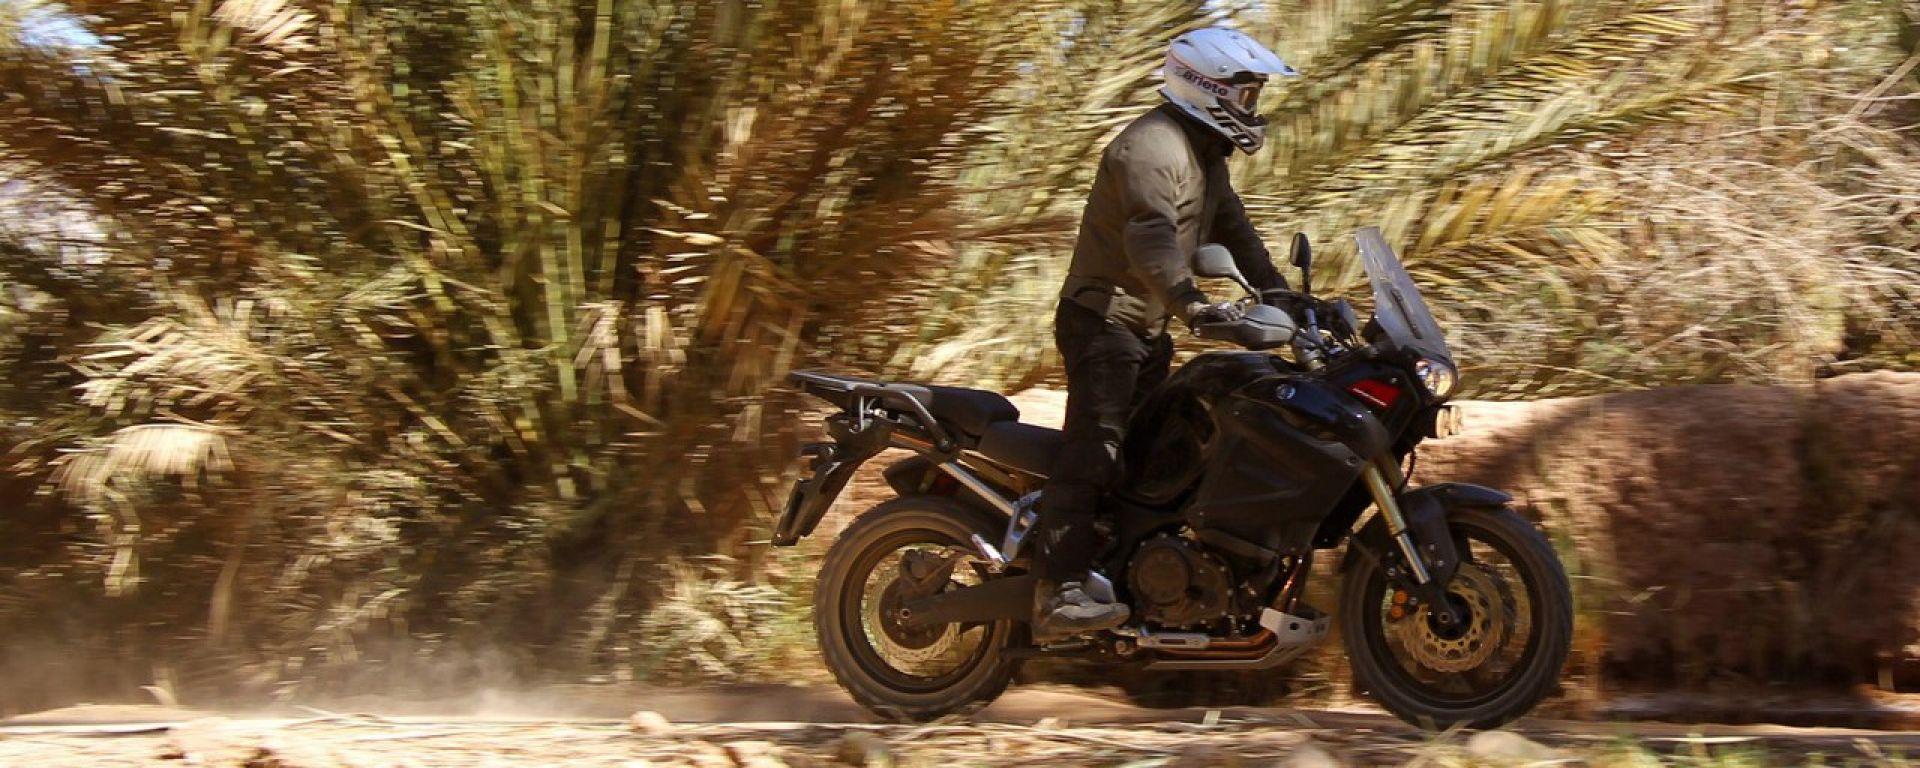 Yamaha Super Ténéré Marocco - Day 3